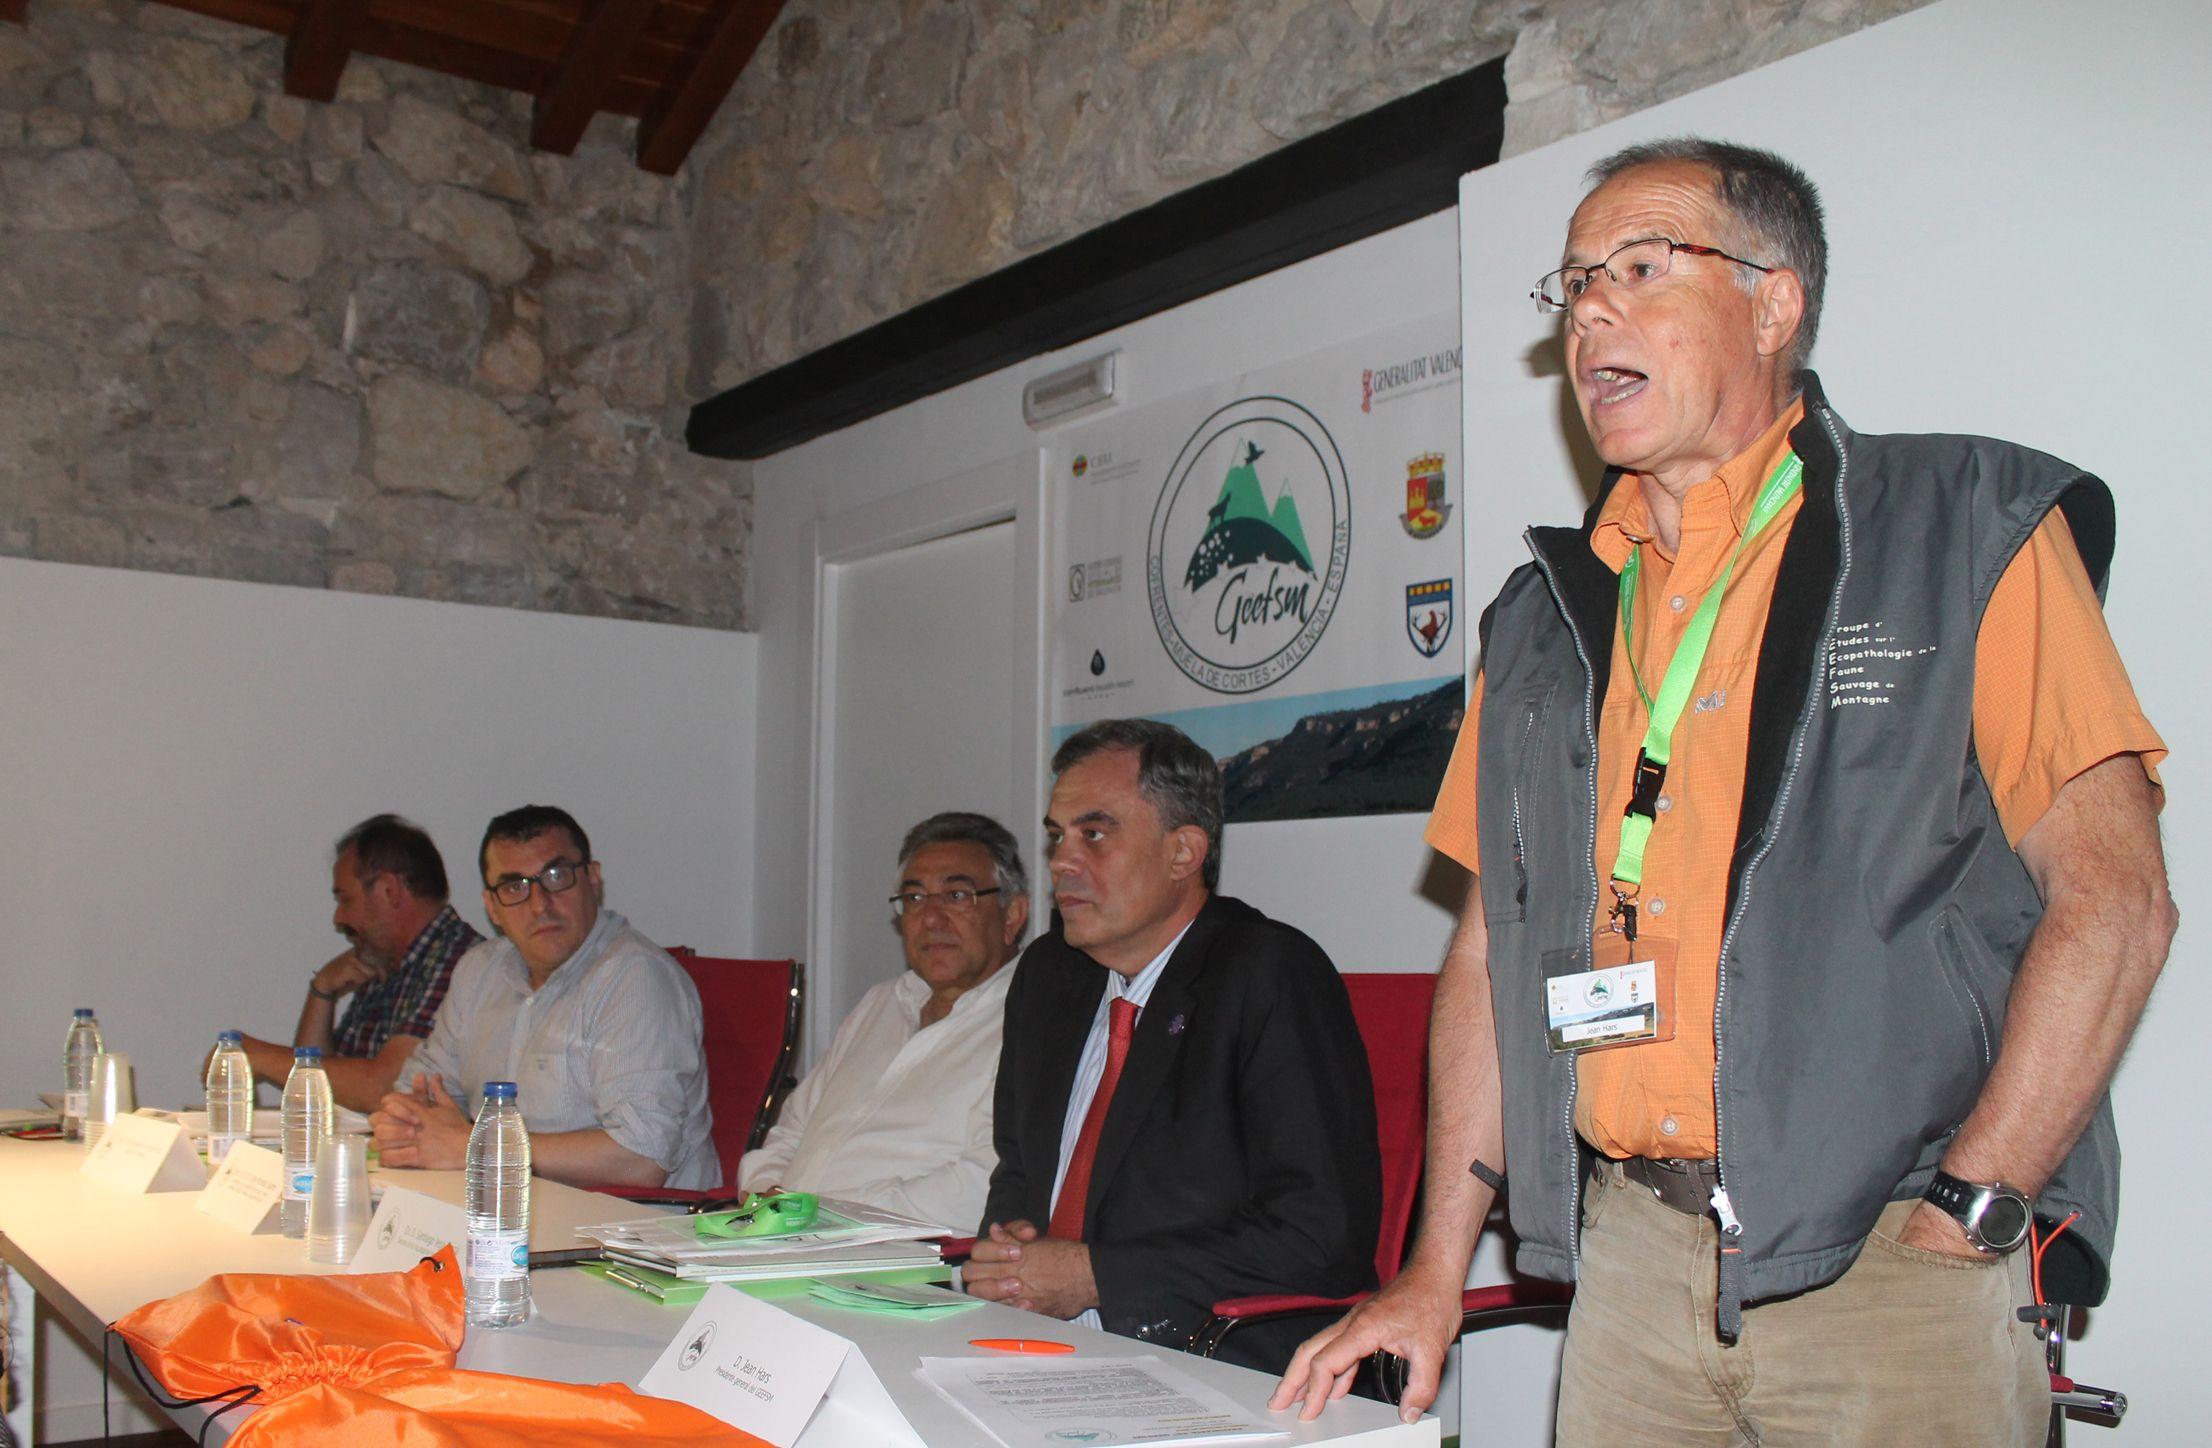 Inauguración del Encuentro del GEEFSM en Cofrentes. Foto: ICOVV.